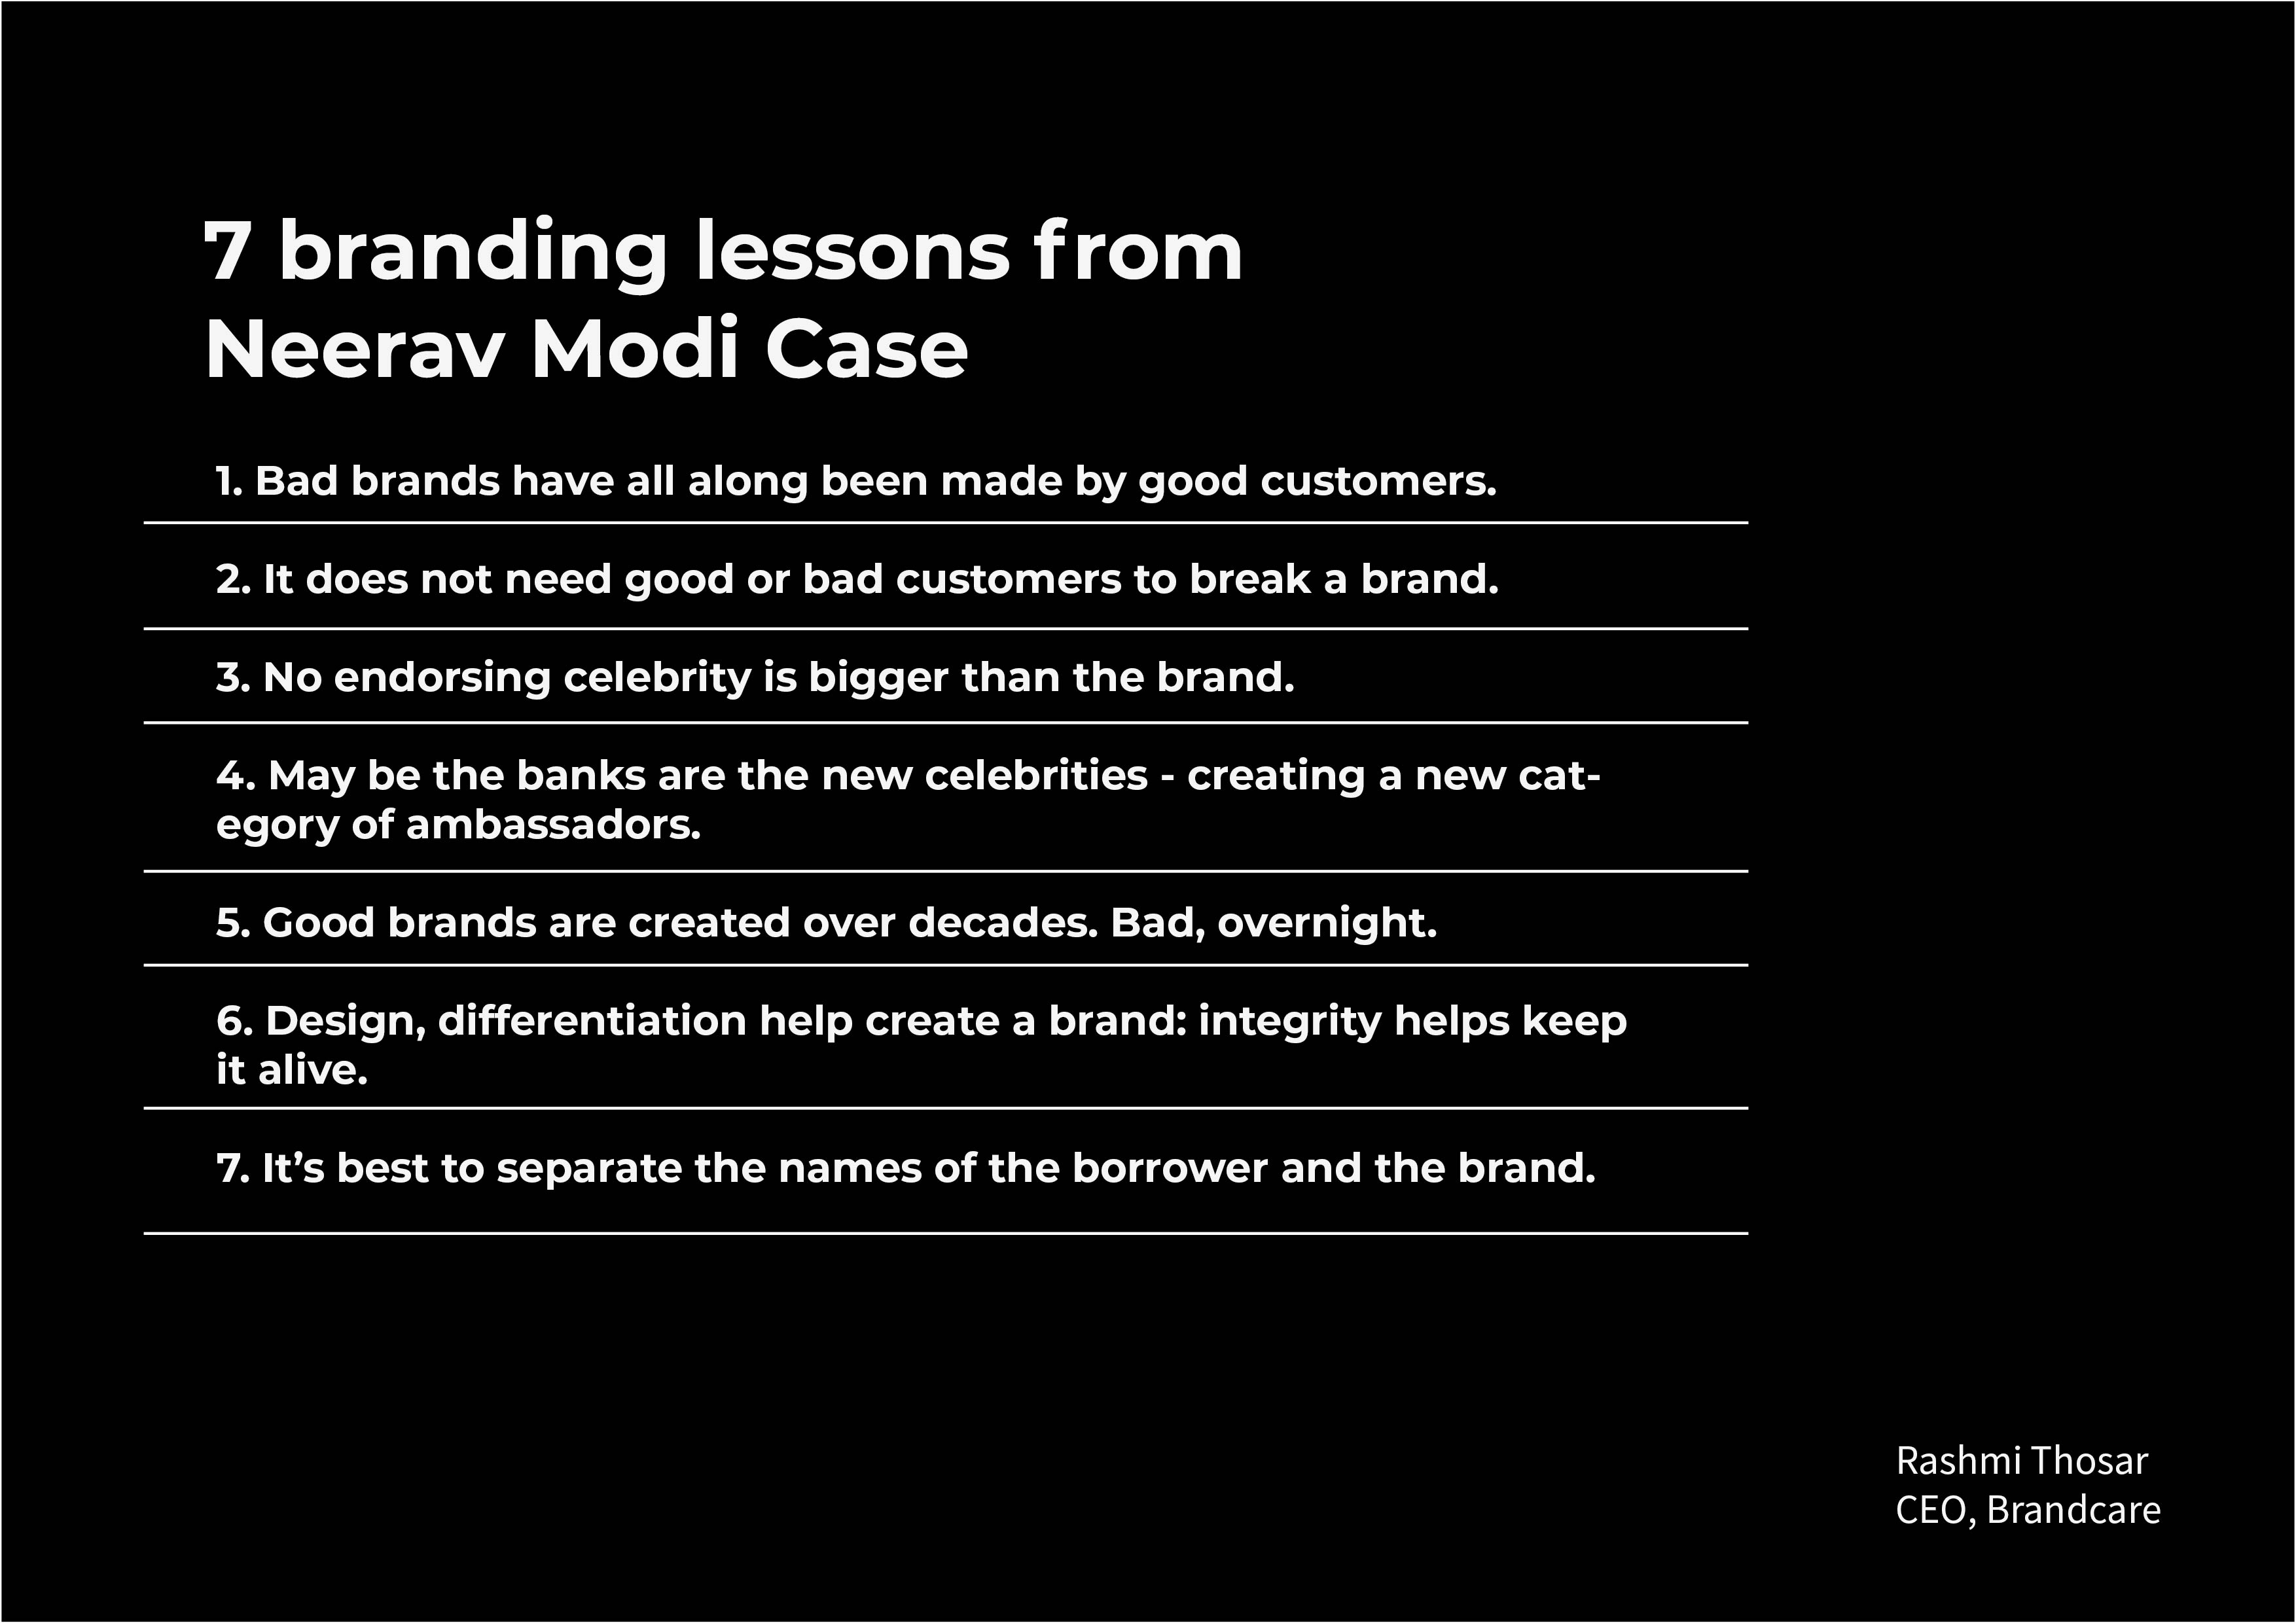 7 Branding lessons from Neerav Modi case